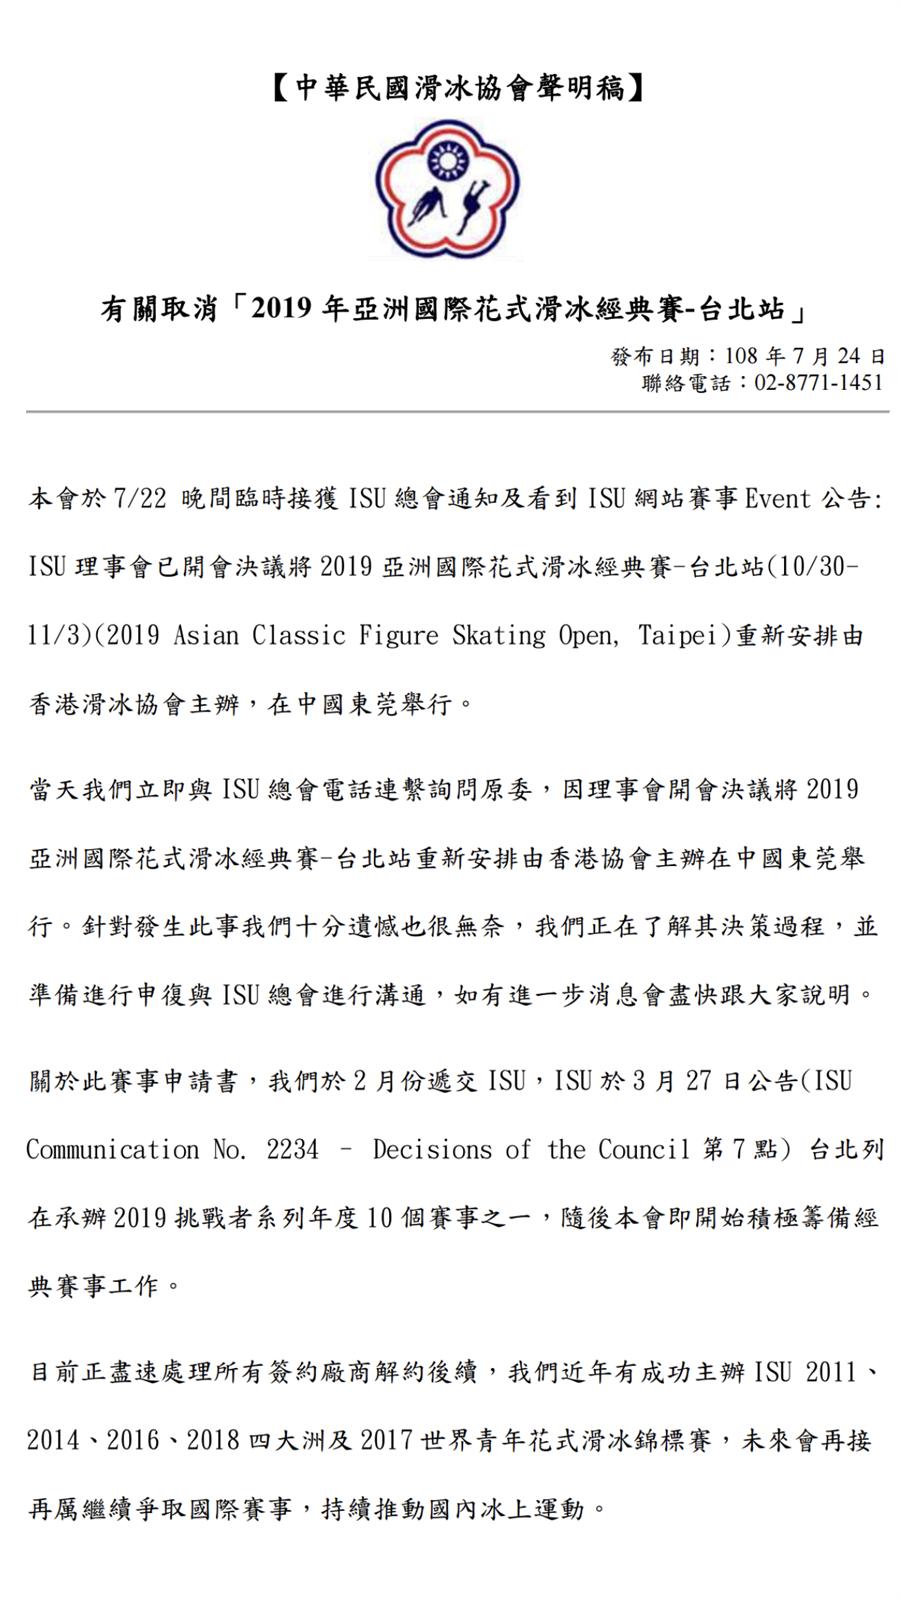 中華冰協今天下午於官網發表新聞稿,表示對於主辦權被改到東莞,感到遺憾也很無奈,正在了解ISU決策過程,準備進行申復並與ISU進行溝通。(冰協官網翻攝)